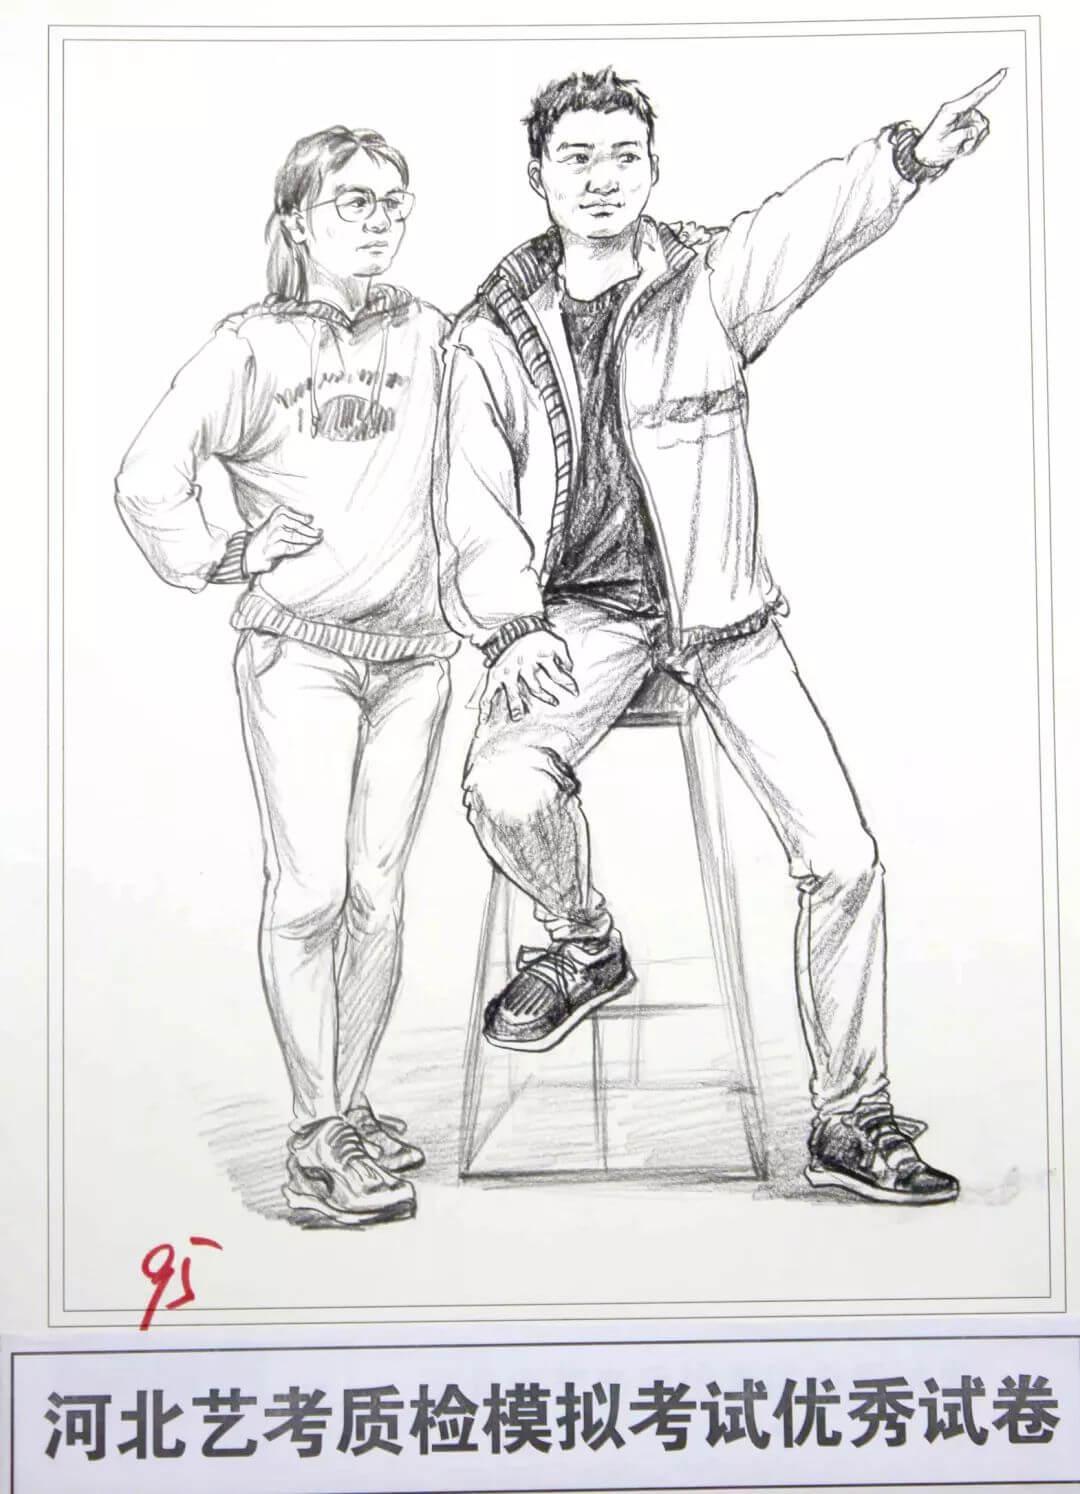 河北艺考二模高分卷精选集——速写高分卷,广州画室     19